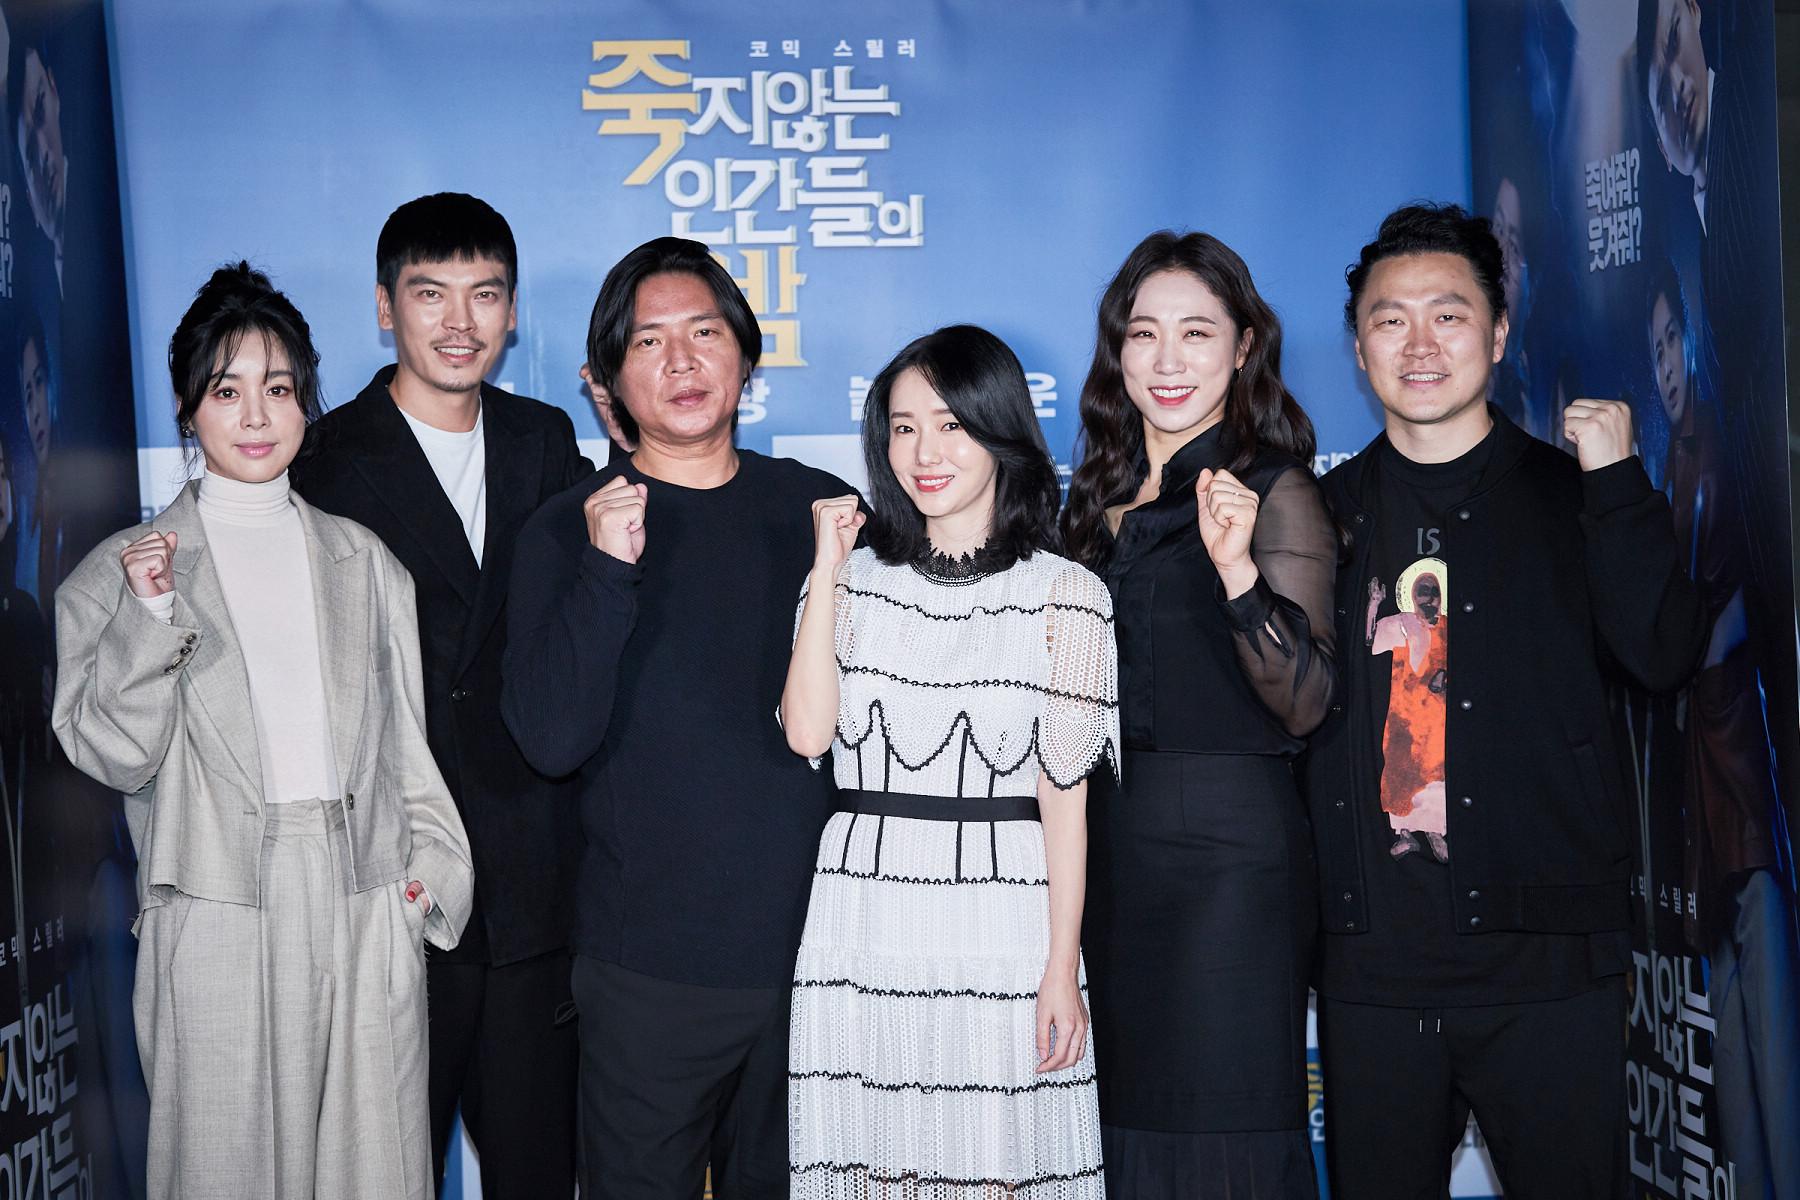 導演申政沅(左三)率領主要演員李貞賢(中)、金聖午(左二)、徐令姬(左)、李美到(右二)、梁東根(右)出席媒體試映記者會